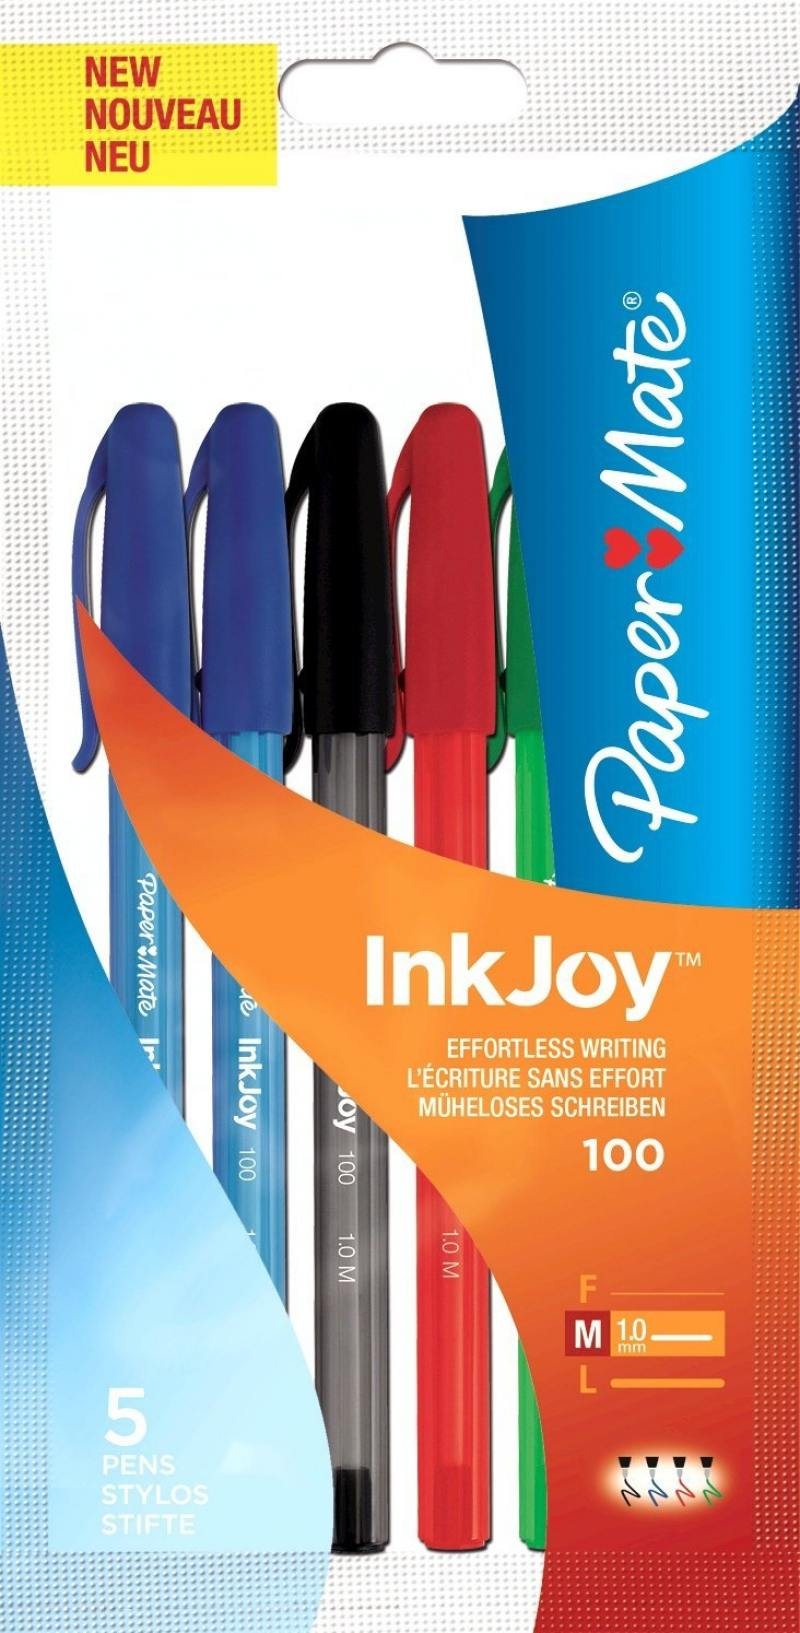 Набор шариковых ручек Paper Mate InkJoy 100 5 шт разноцветный 1 мм 1842139 1842139 набор шариковых ручек стамм рс07 4 шт разноцветный 1 мм рс07